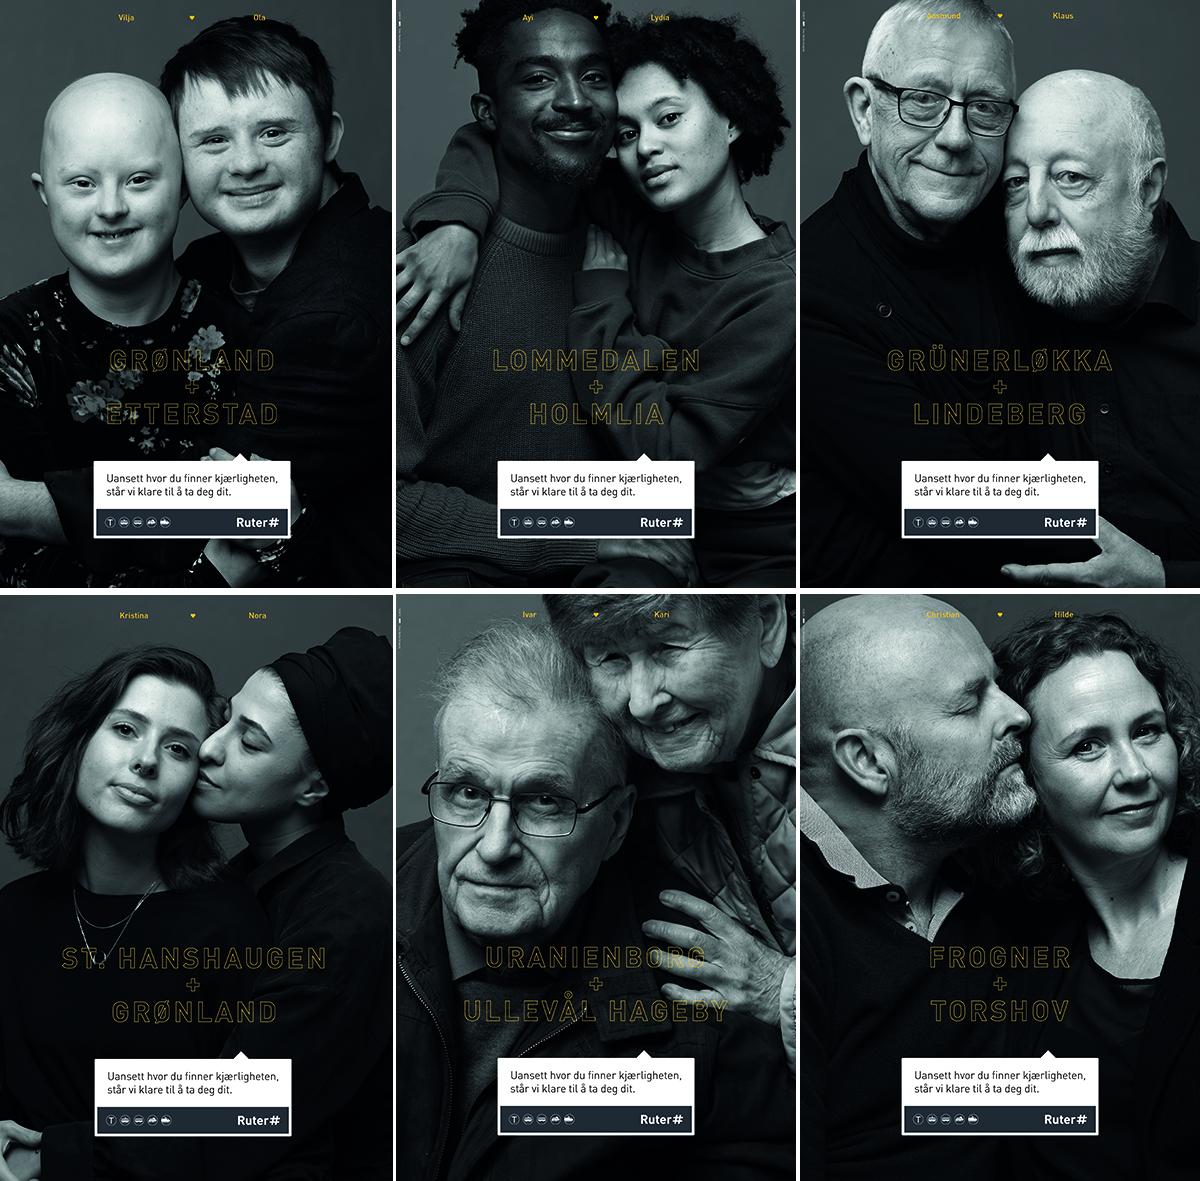 ruter-kampanje-kjarlighet-2019-all-photo-morten-krogvold.jpg